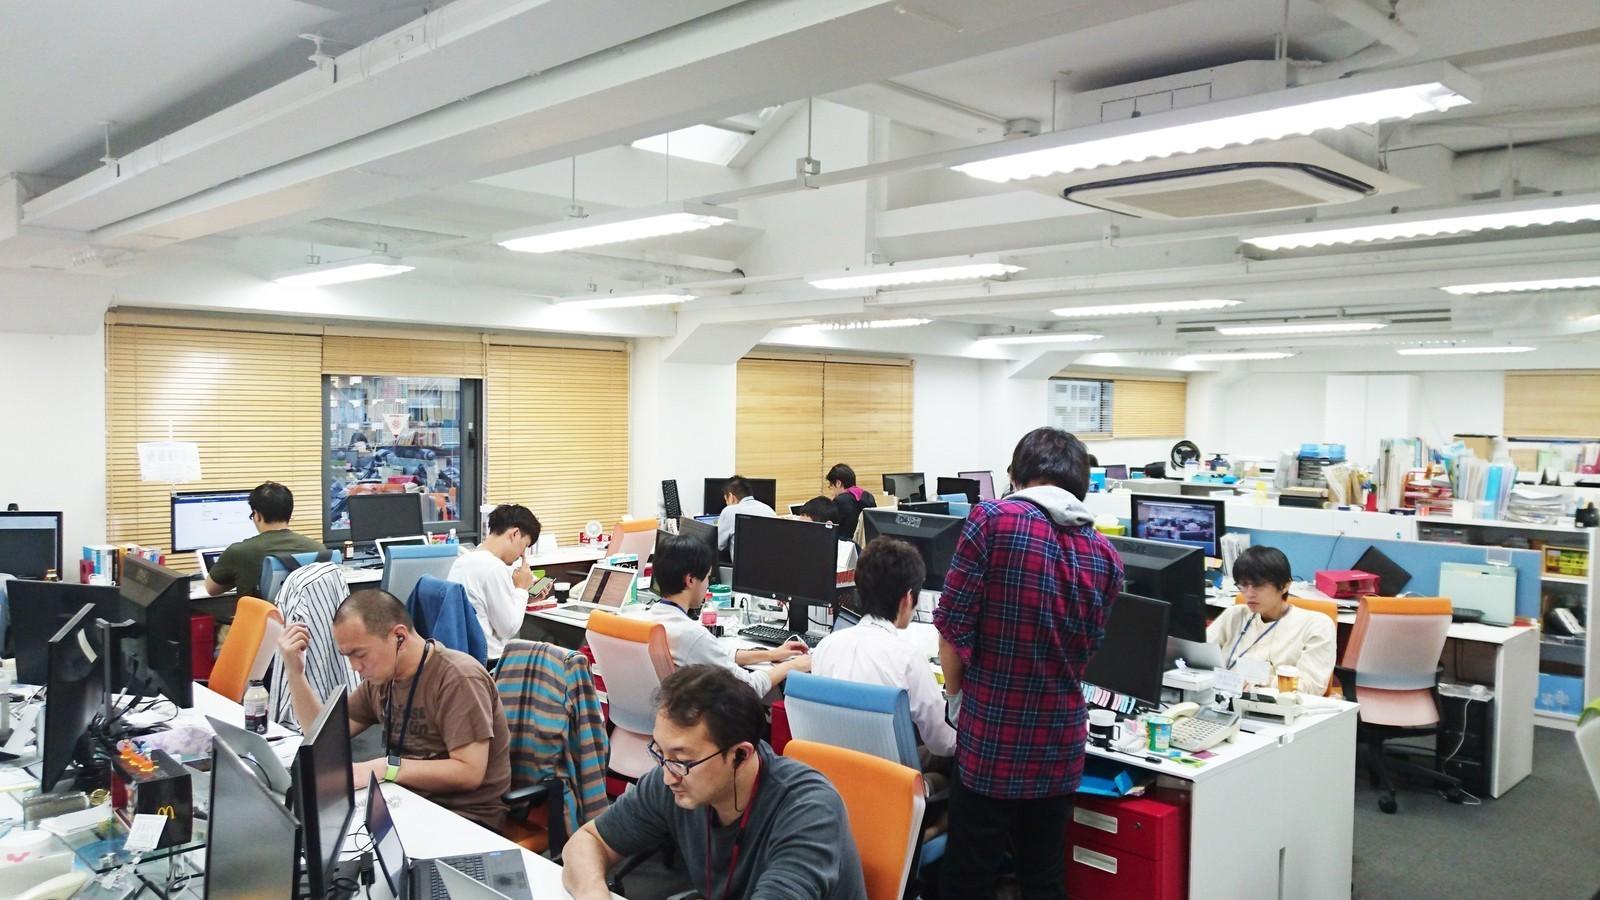 「人の成長に寄与する」サービスにWeb×業務系のノウハウを活かして挑むWebエンジニアを募集!(リーダー候補)